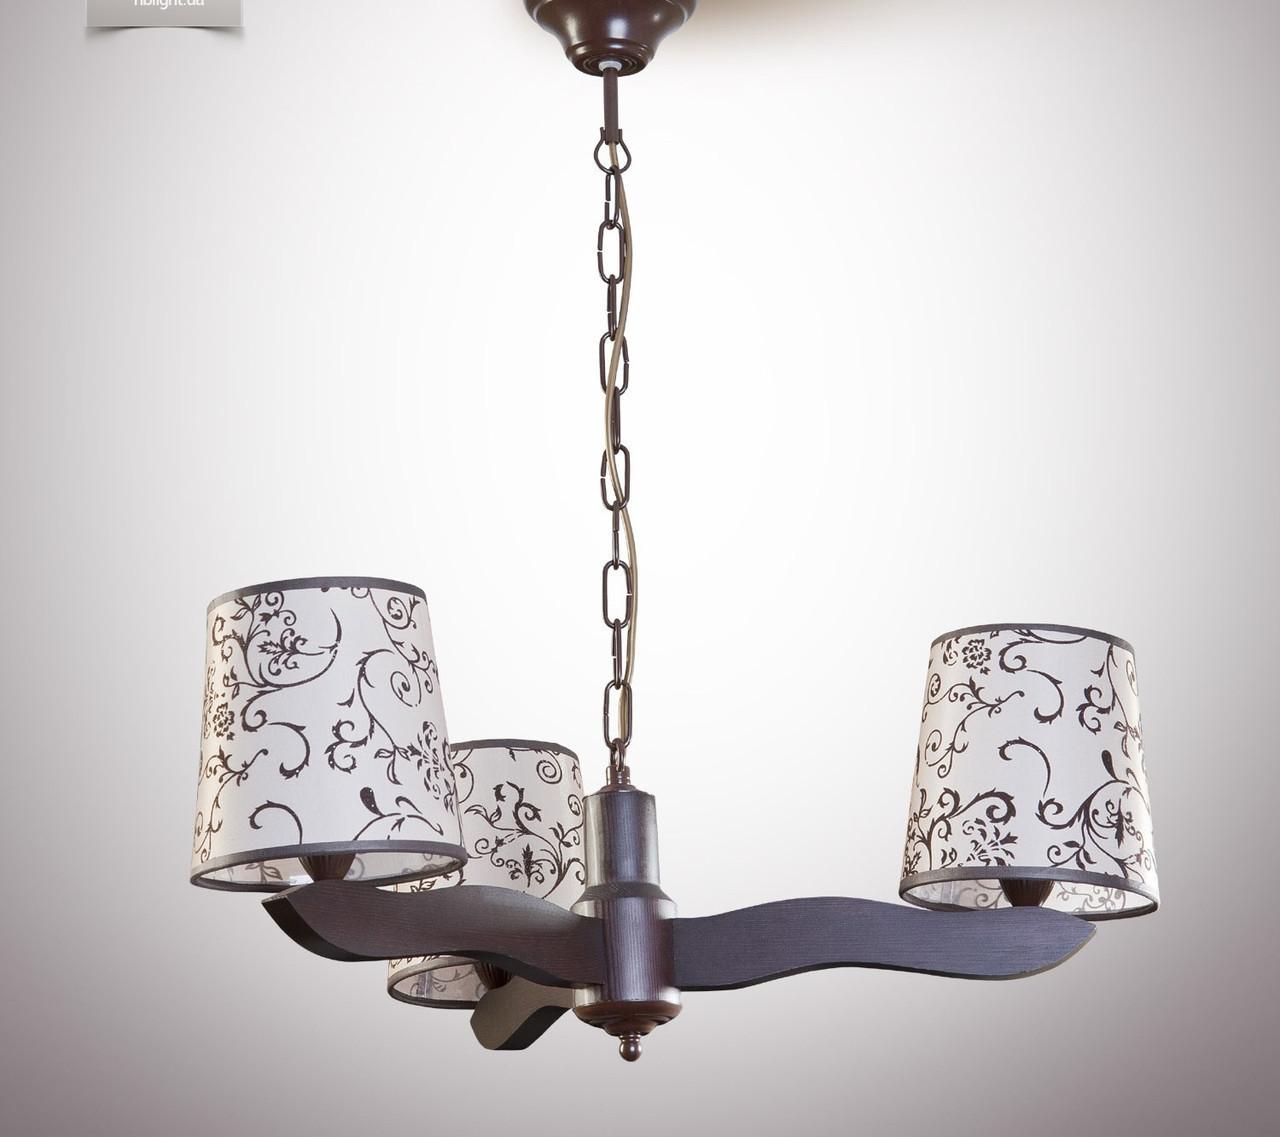 Люстра модерн деревянная с абажурами в цвете венге 6703-4